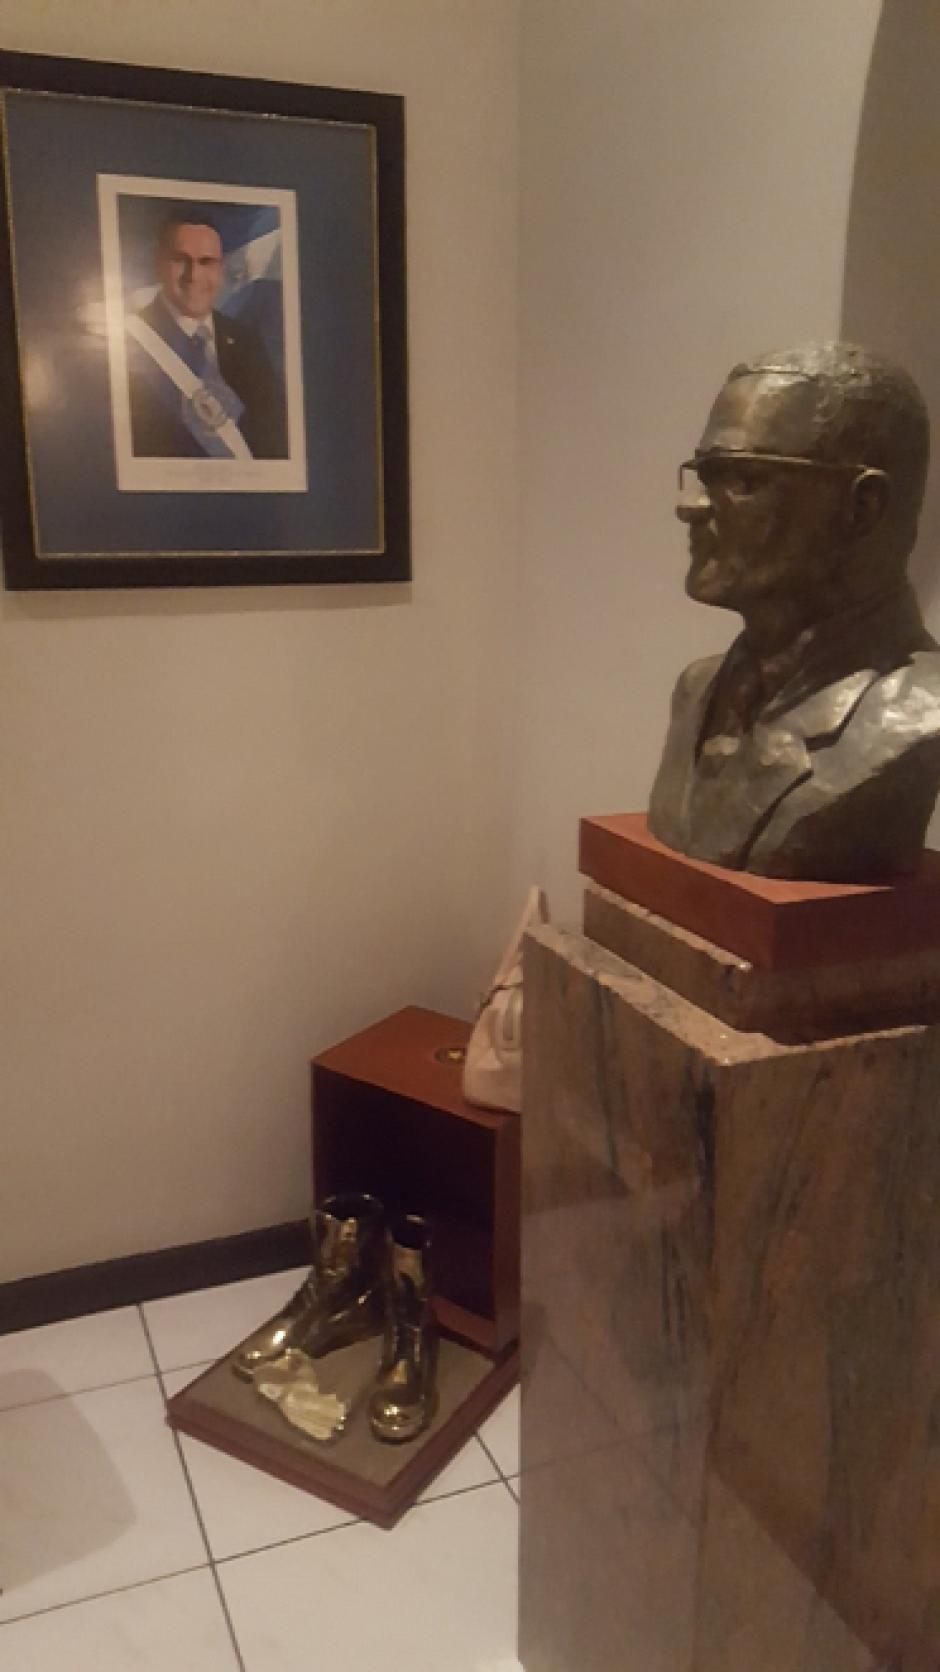 Un busto con su rostro se halló en una de las habitaciones. (Foto: Twitter, @FGR_SV)